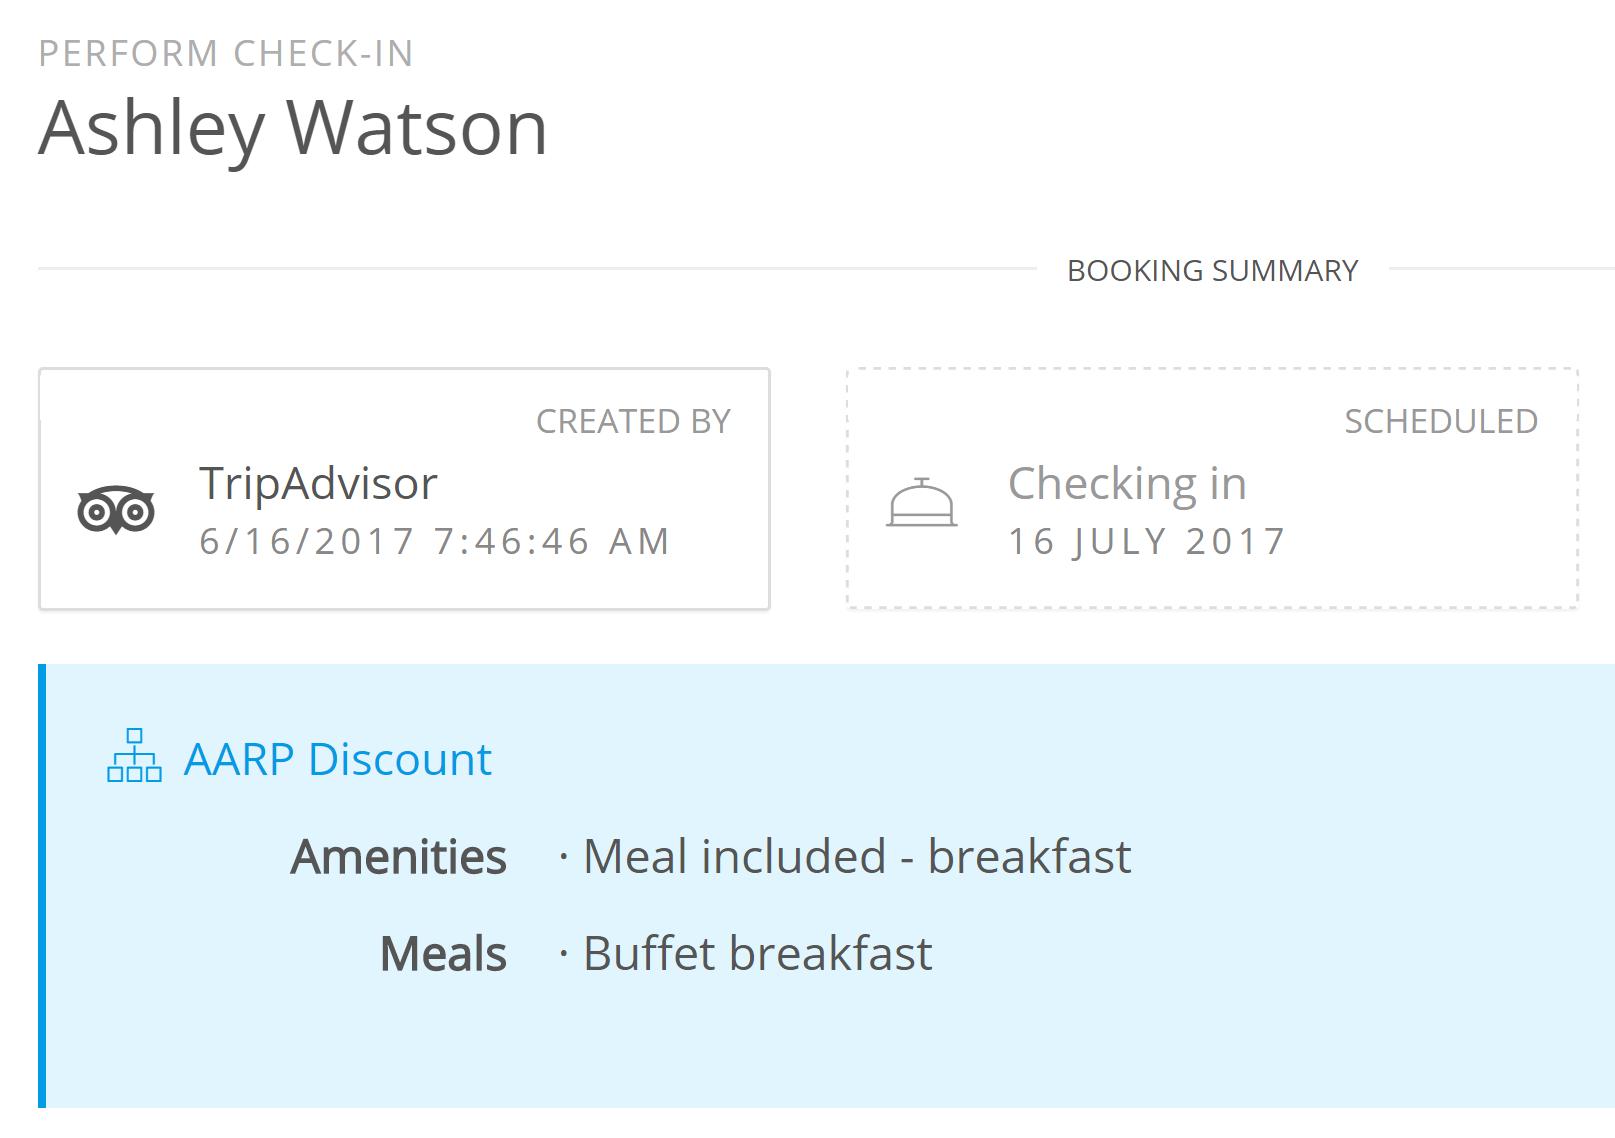 הזמנת חדר במלון פשוטה ורבת עוצמה ניהול הזמנות